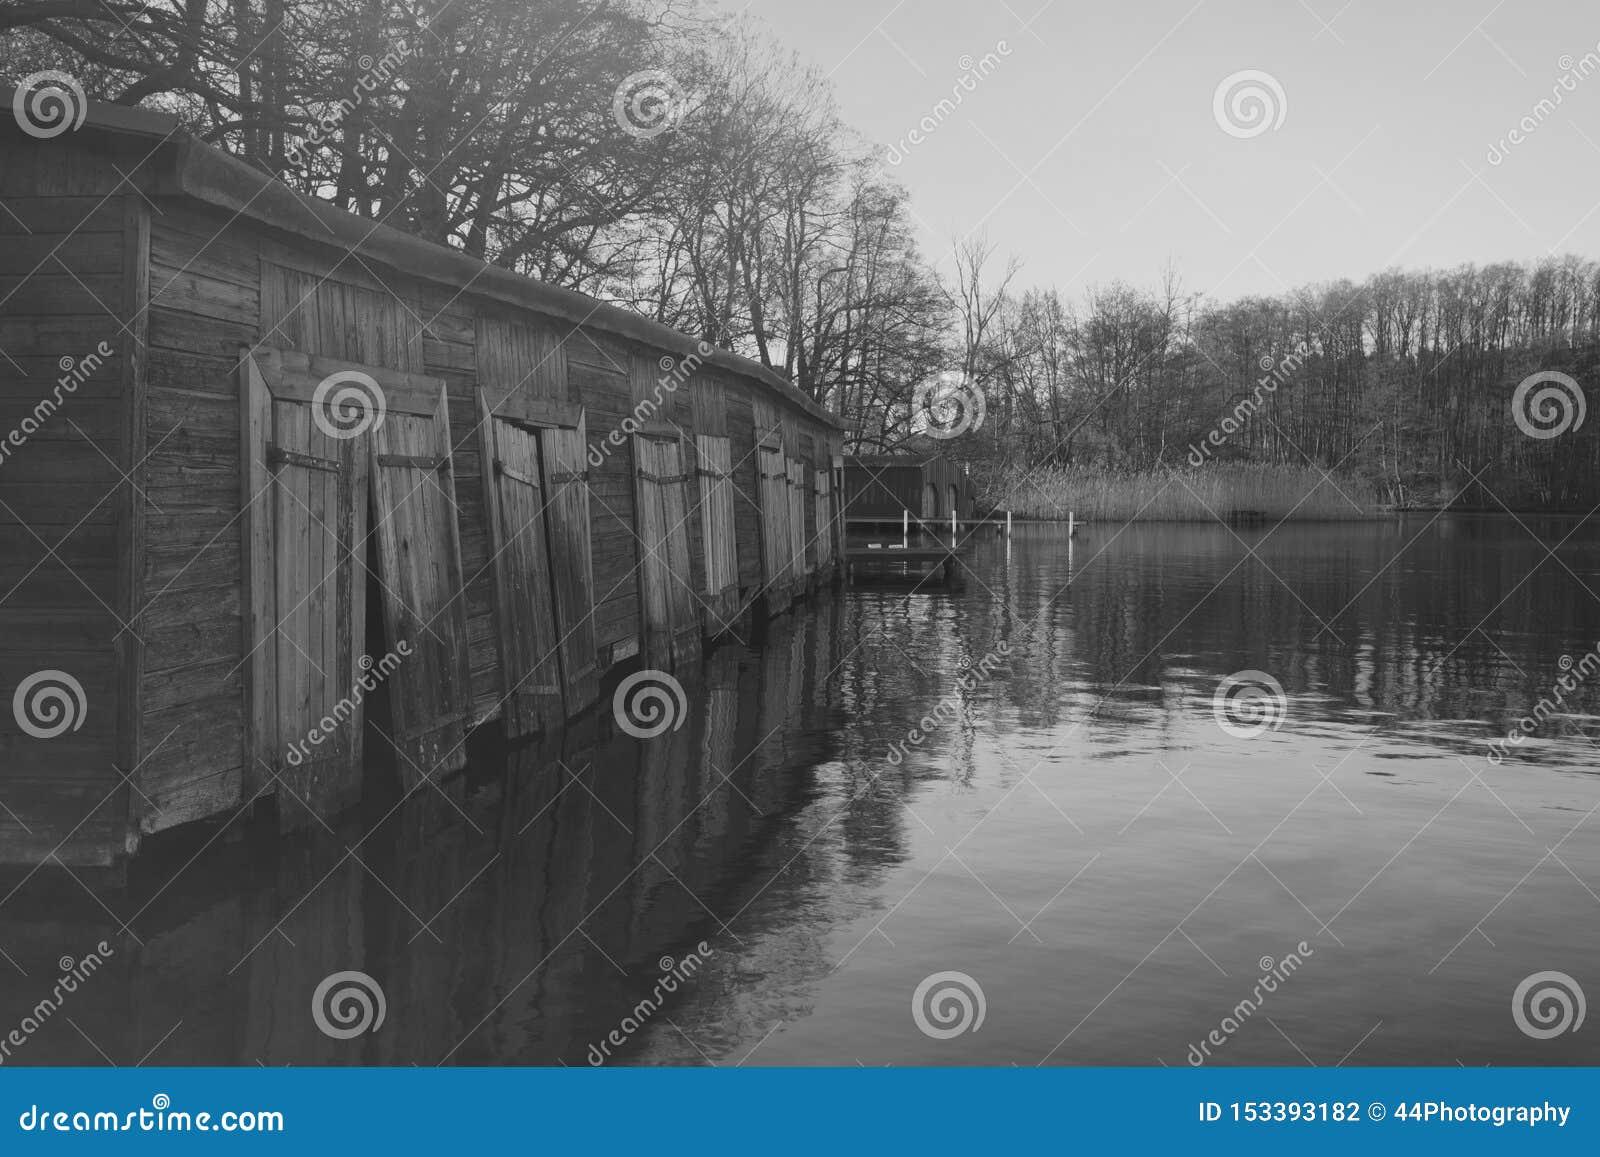 Varadero de madera viejo en el lago en la niebla de la madrugada, fotografía blanco y negro